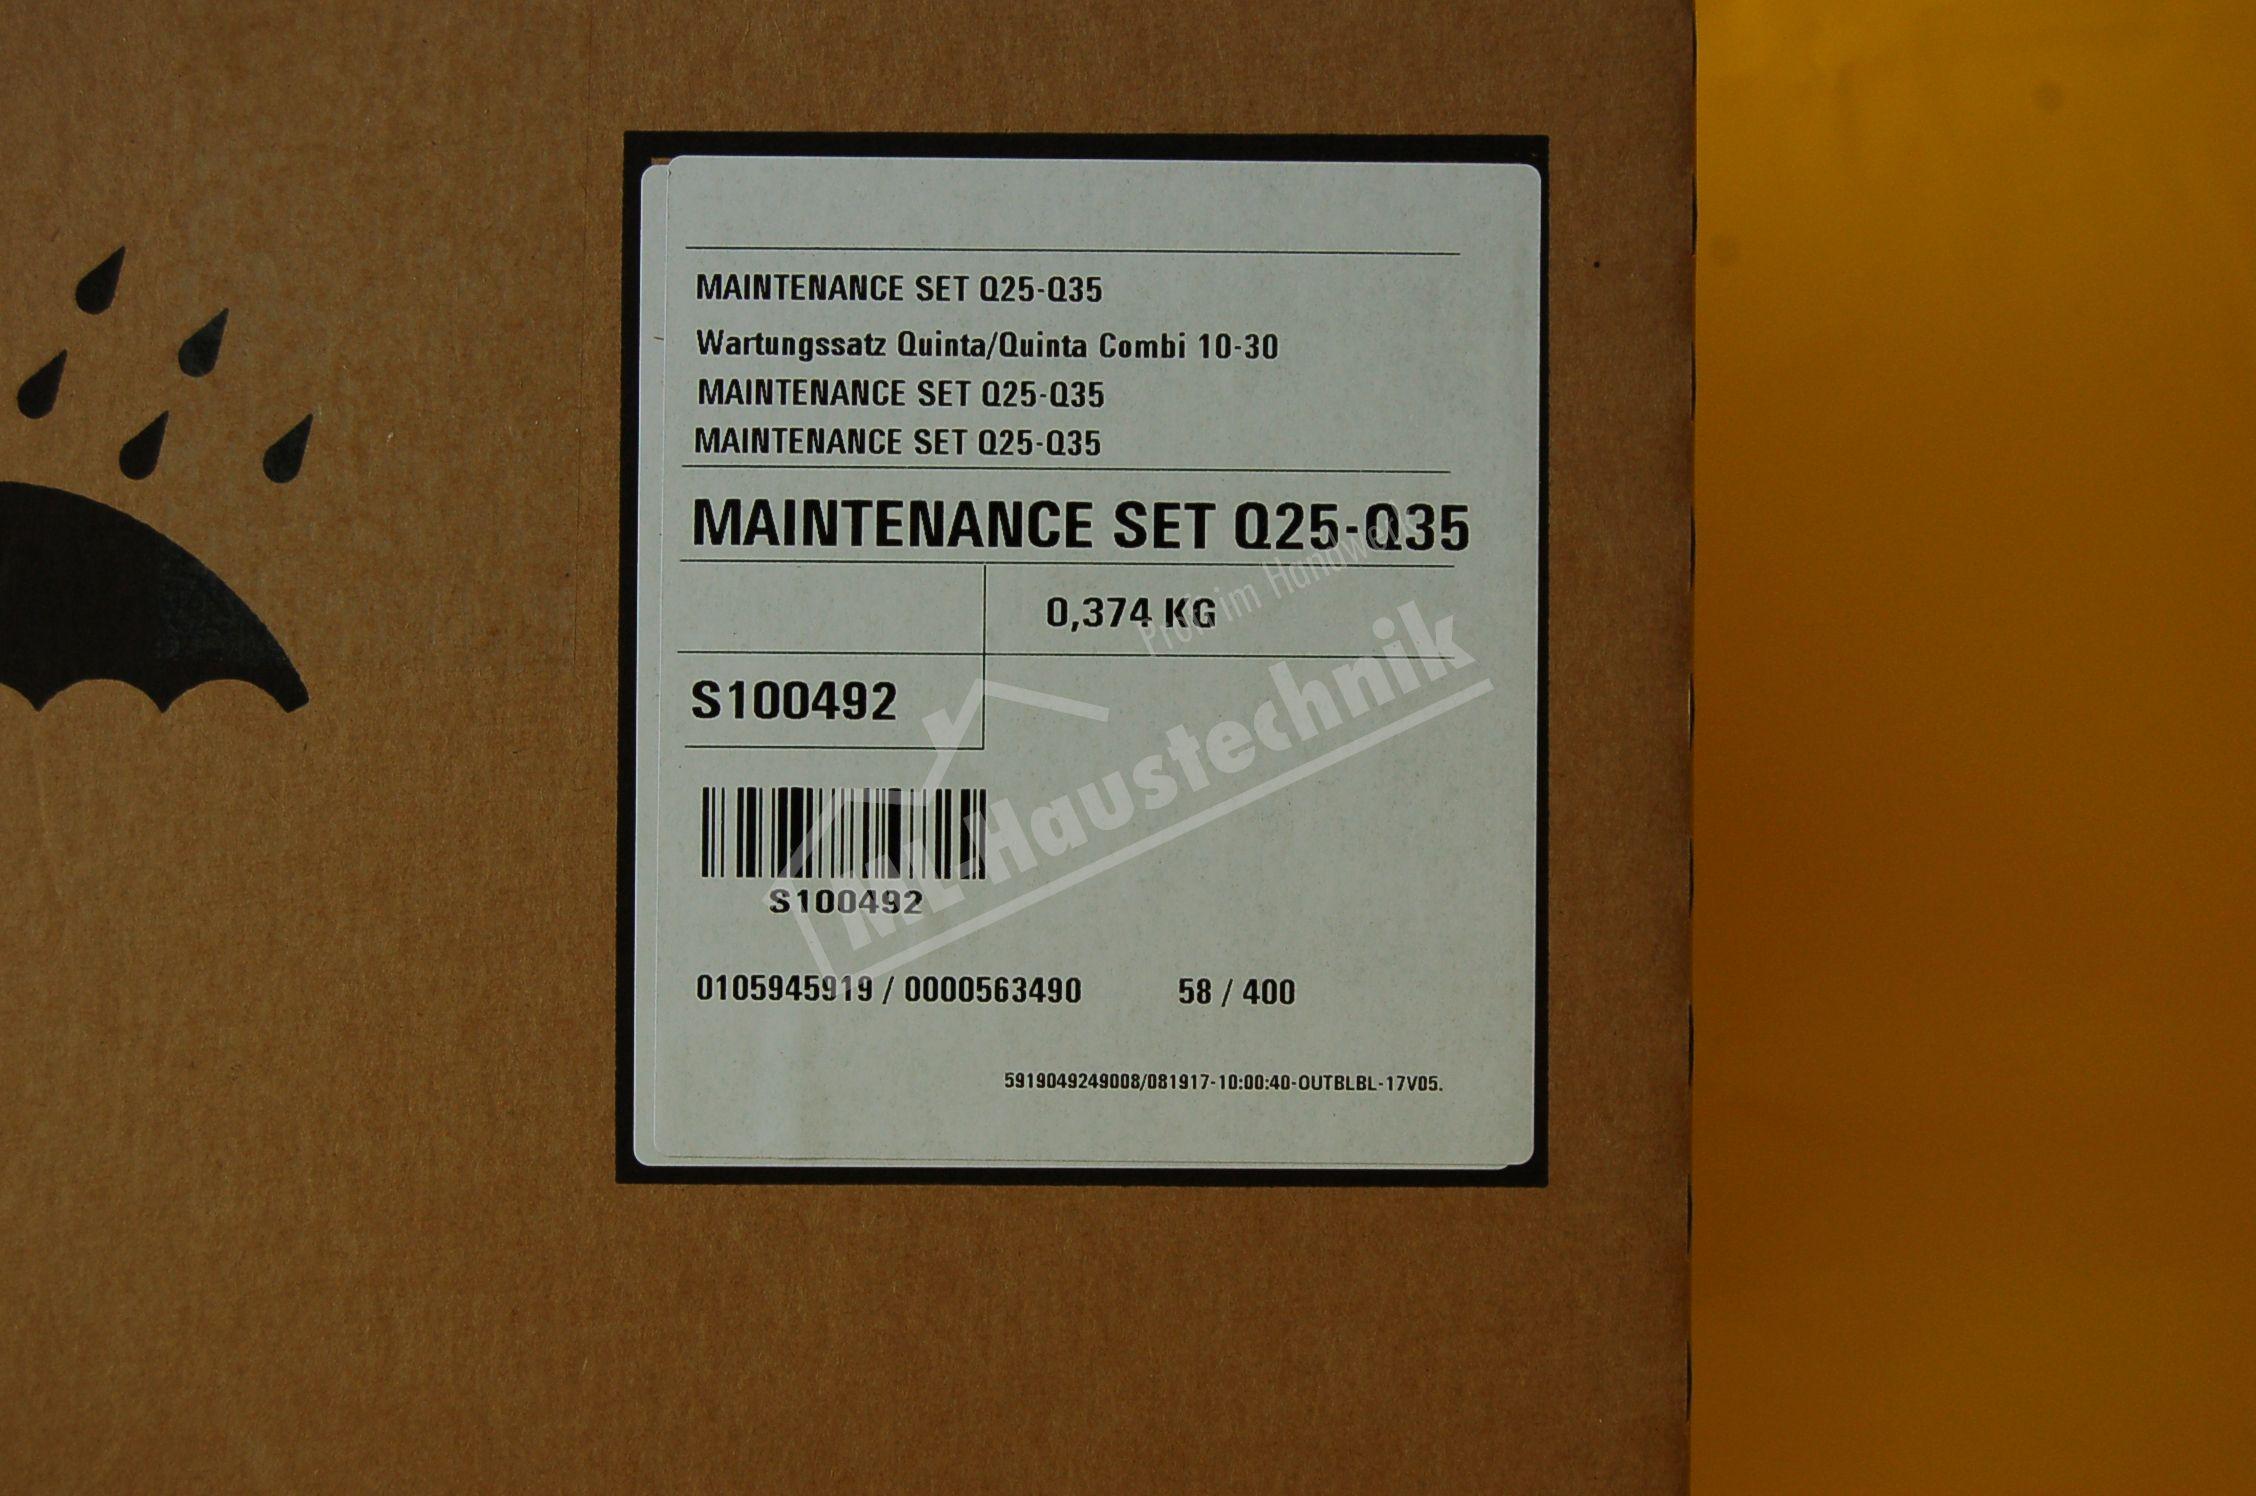 S100492 Remeha Wartungssatz Quinta 10-30